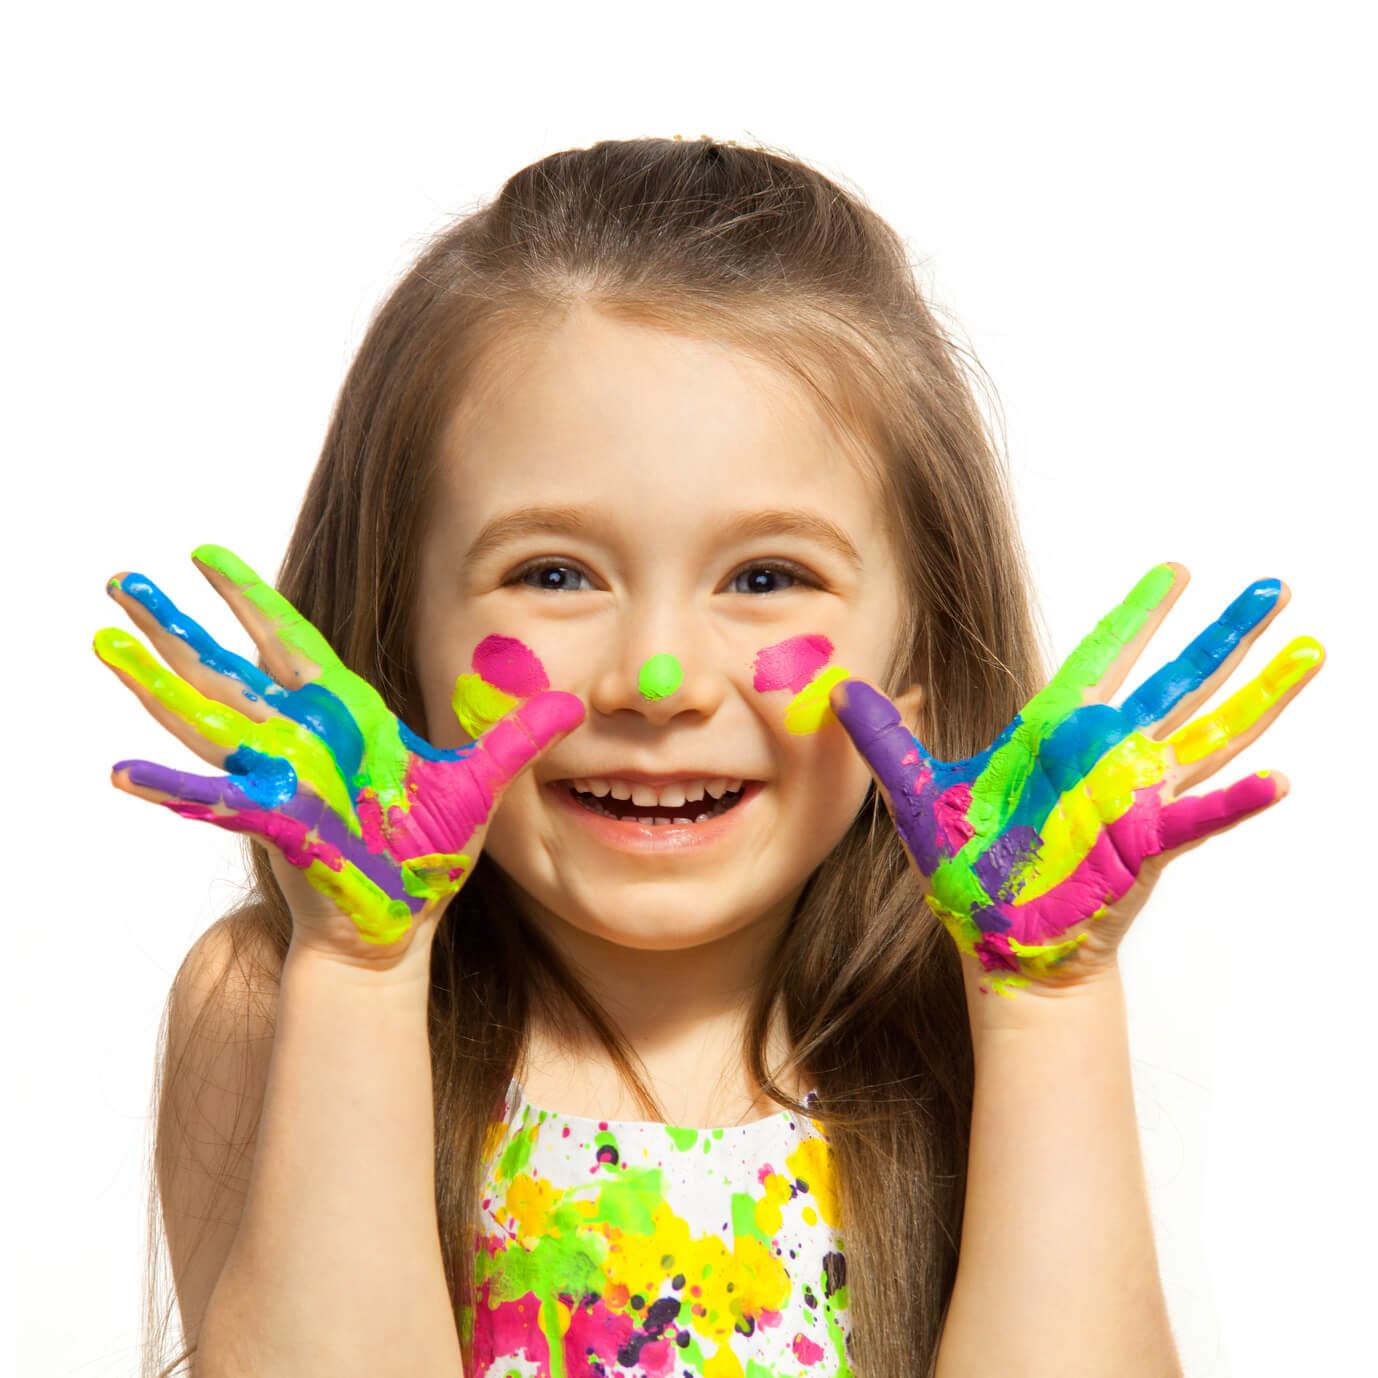 מגע בחומרים בכדי לנתב תוקפנות אצל ילדים